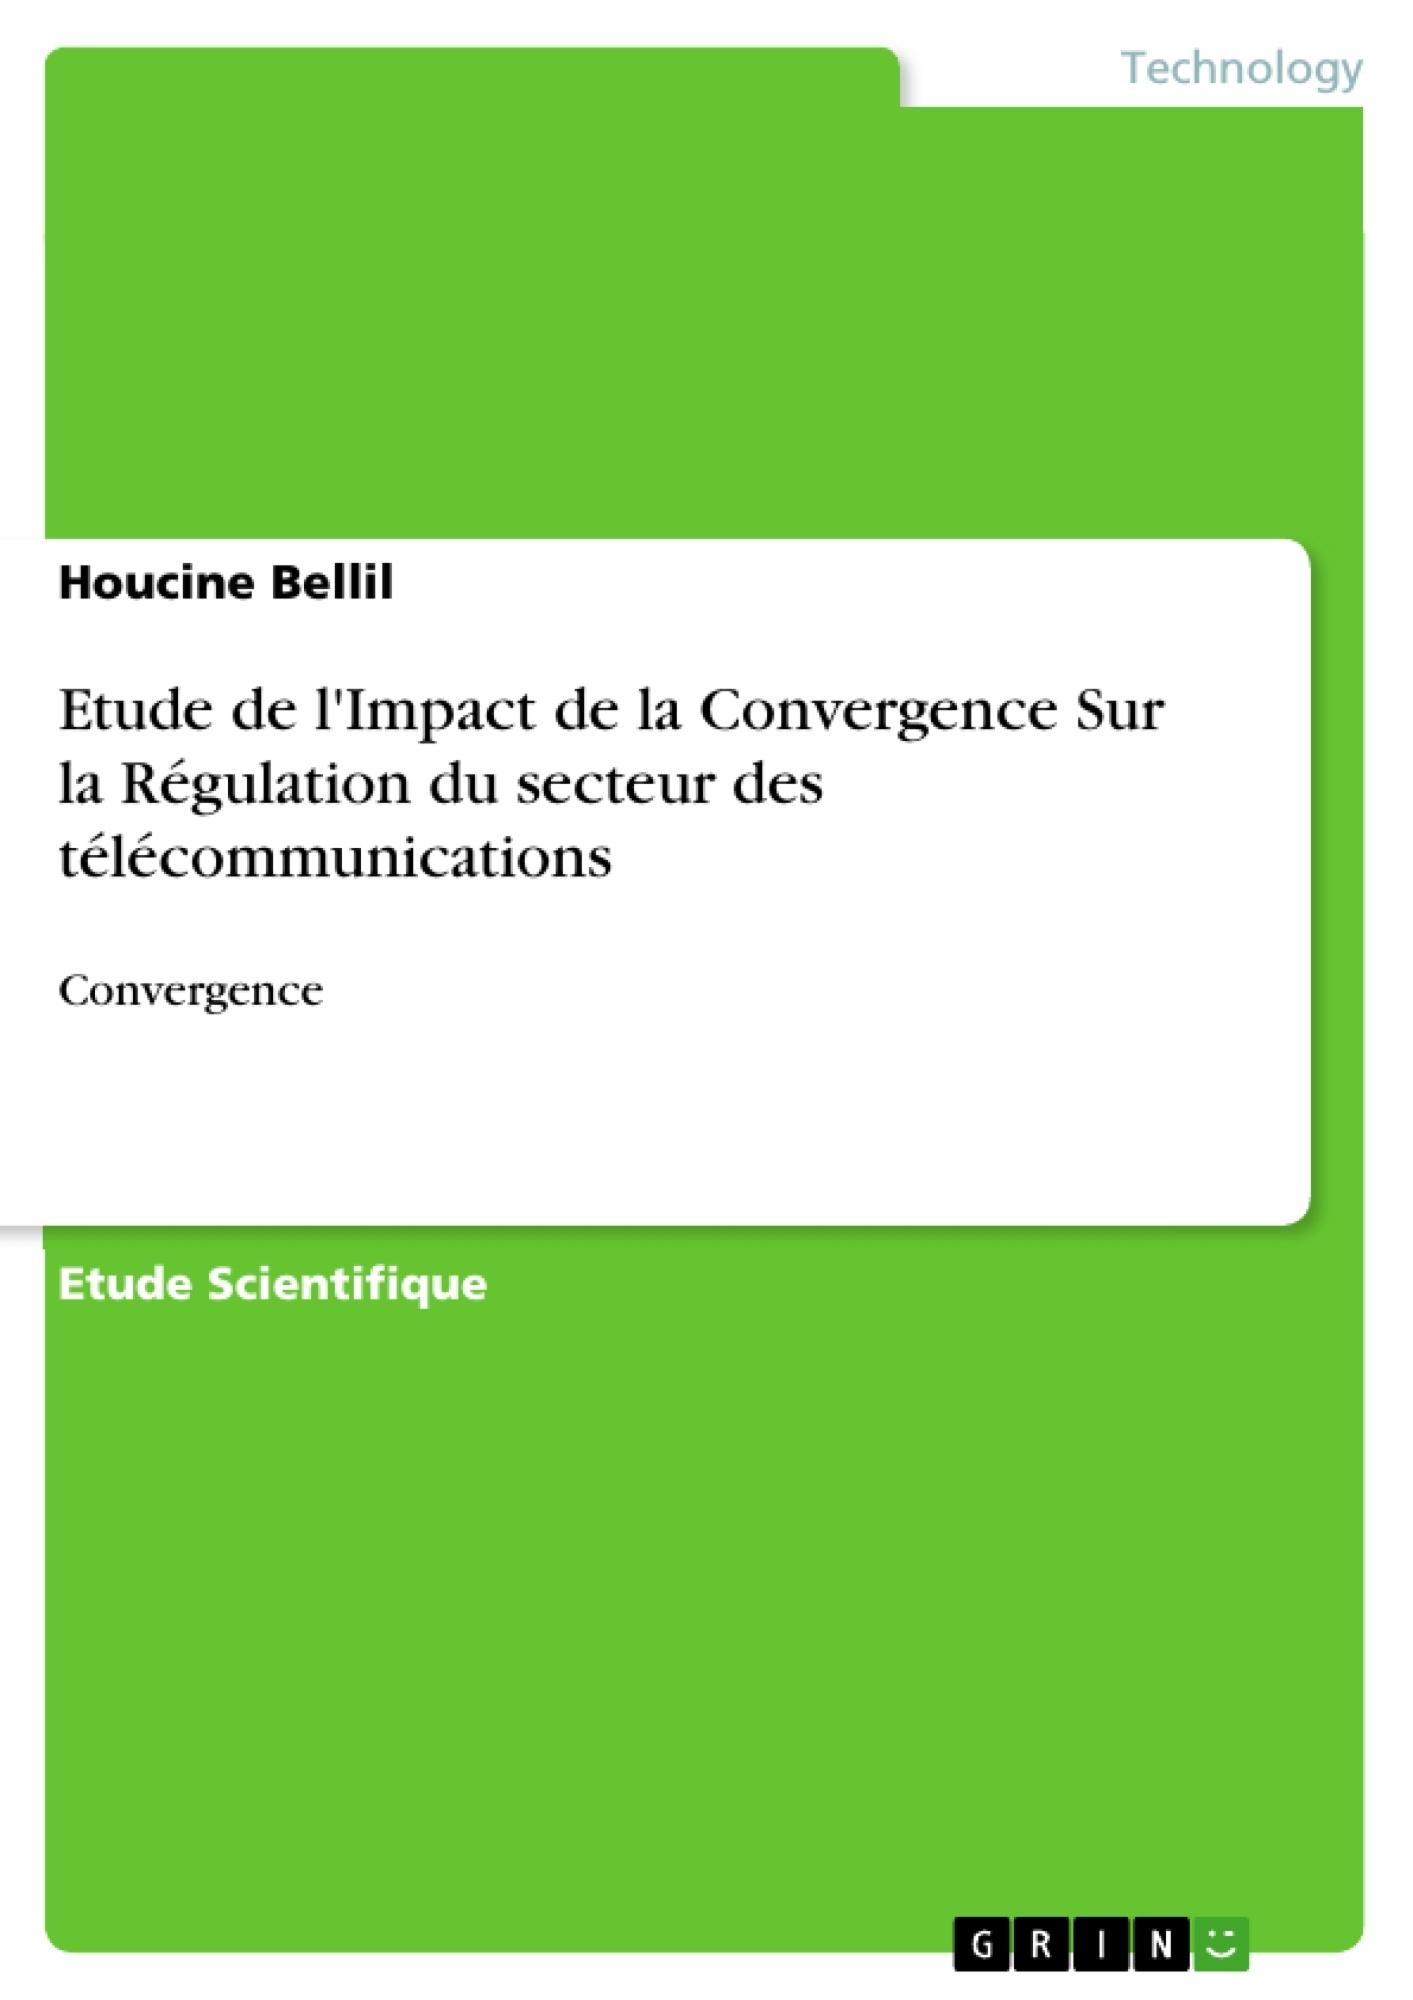 Titre: Etude de l'Impact de la Convergence Sur la Régulation du secteur des télécommunications